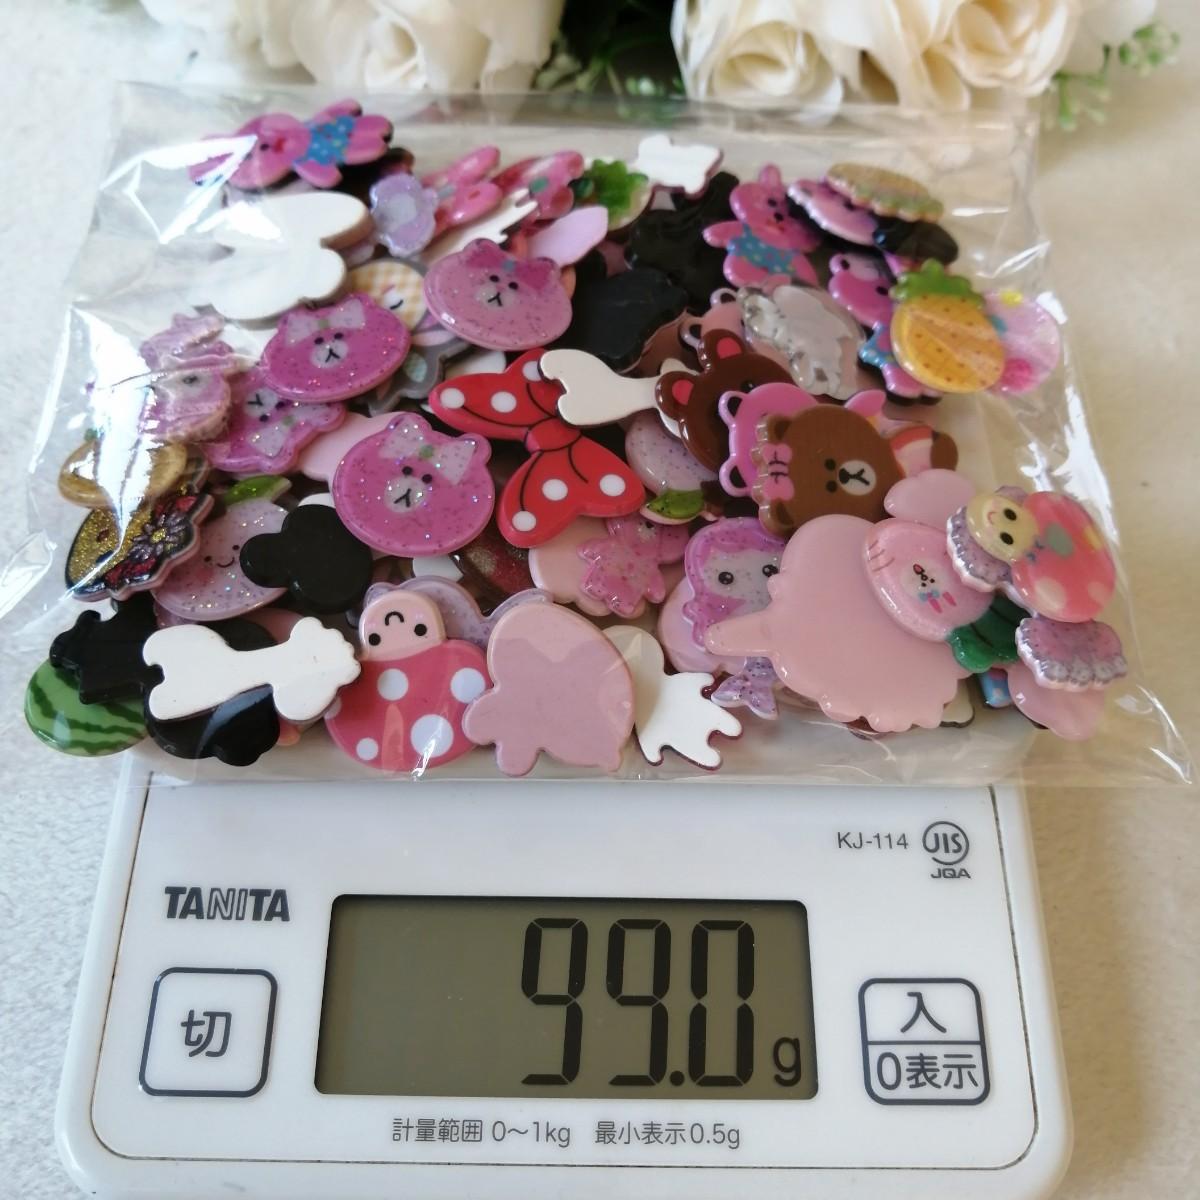 デコパーツ プラパーツ ハンドメイド 手作り 熊 果物 花台 材料 大量 兎 1